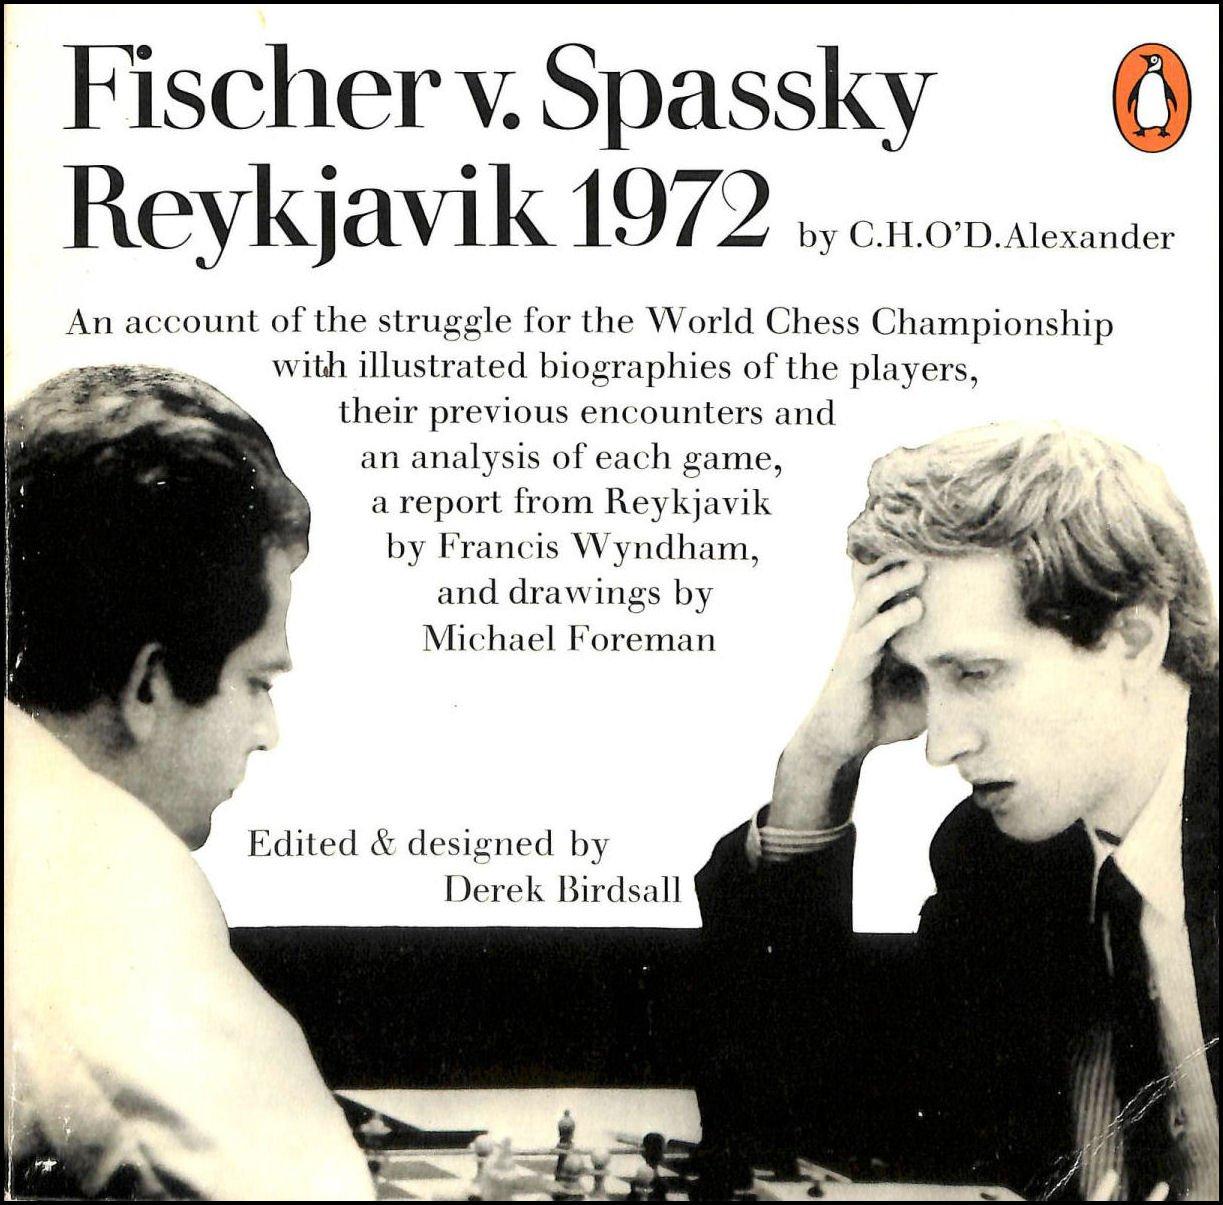 Fischer v. Spassky : Reykjavik 1972, CHO'D Alexander, Penguin, 1972